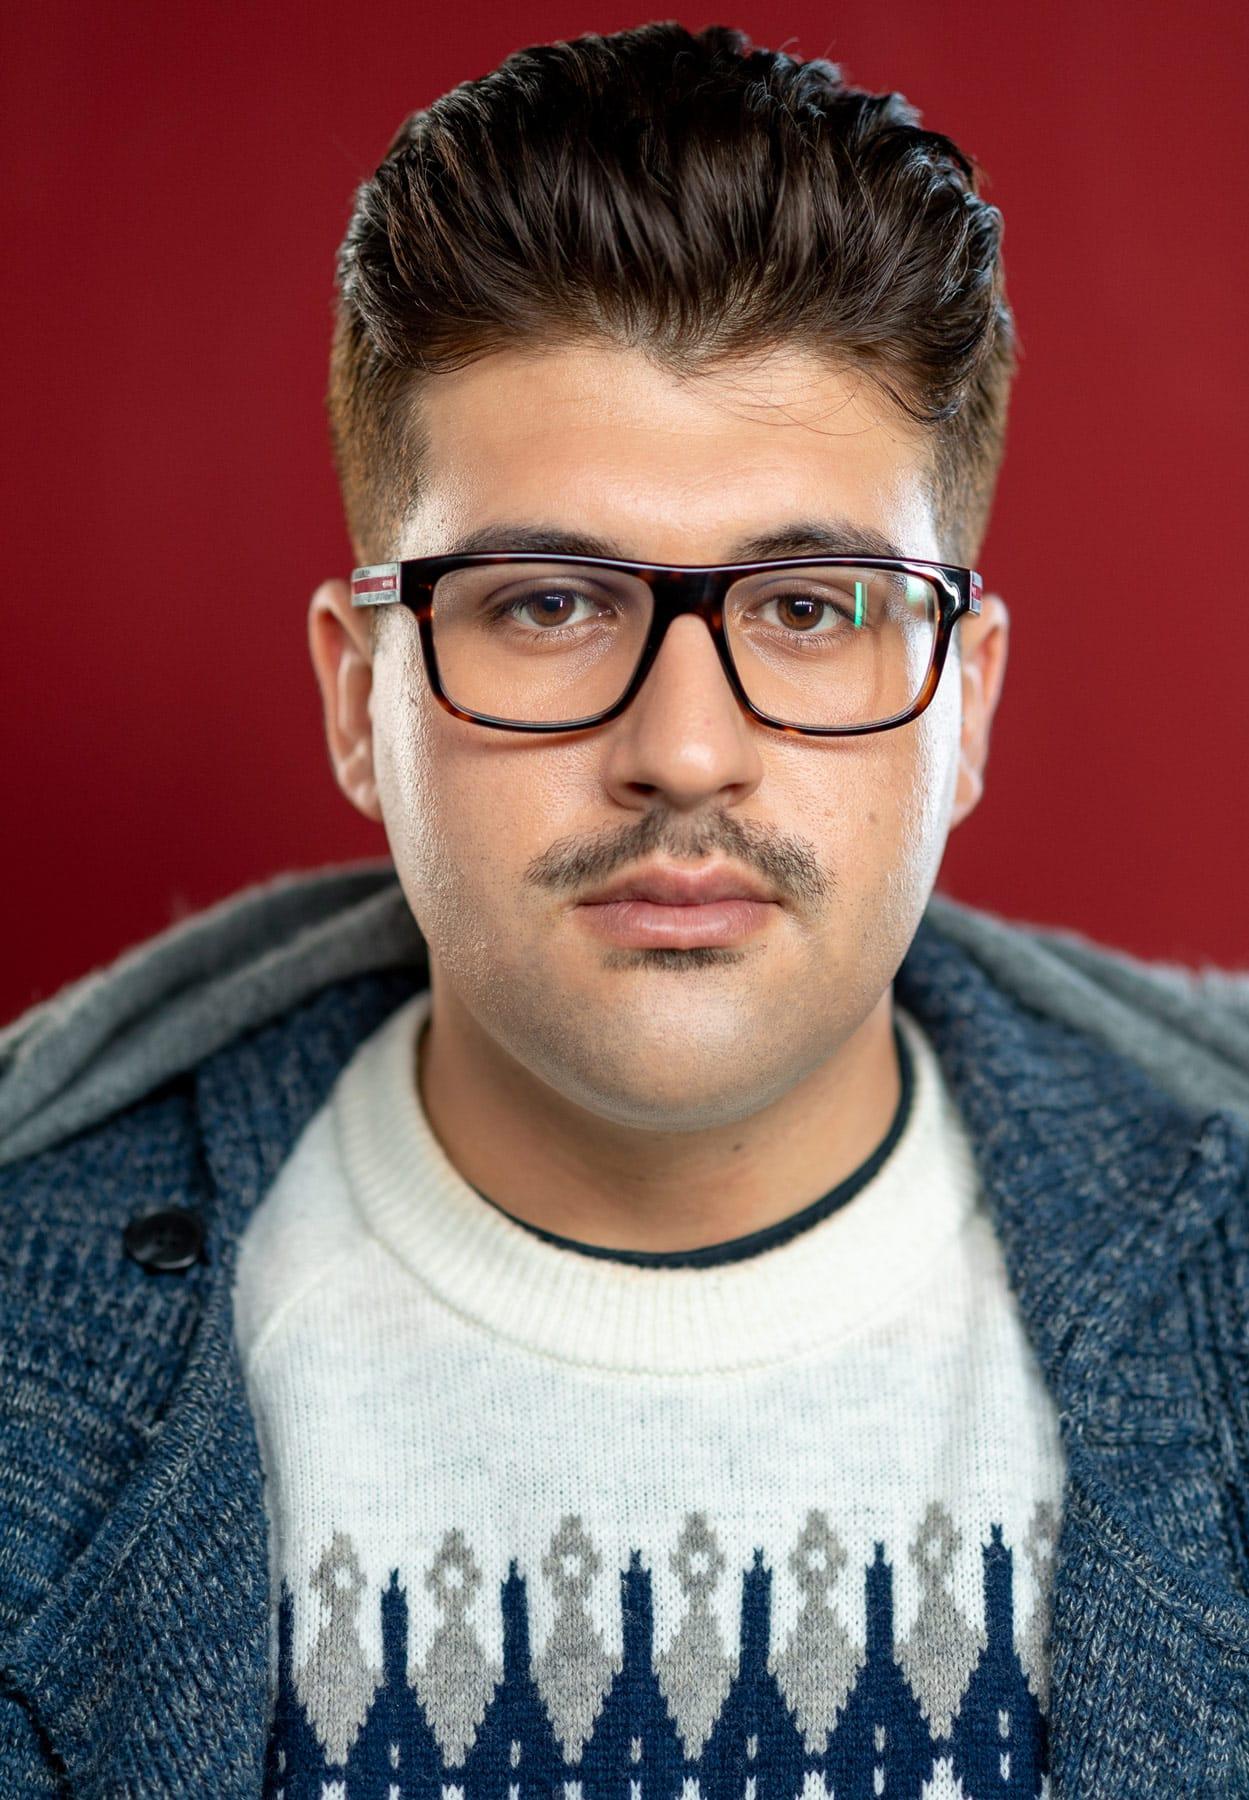 Portrait von einem Mann mit Hornbrille